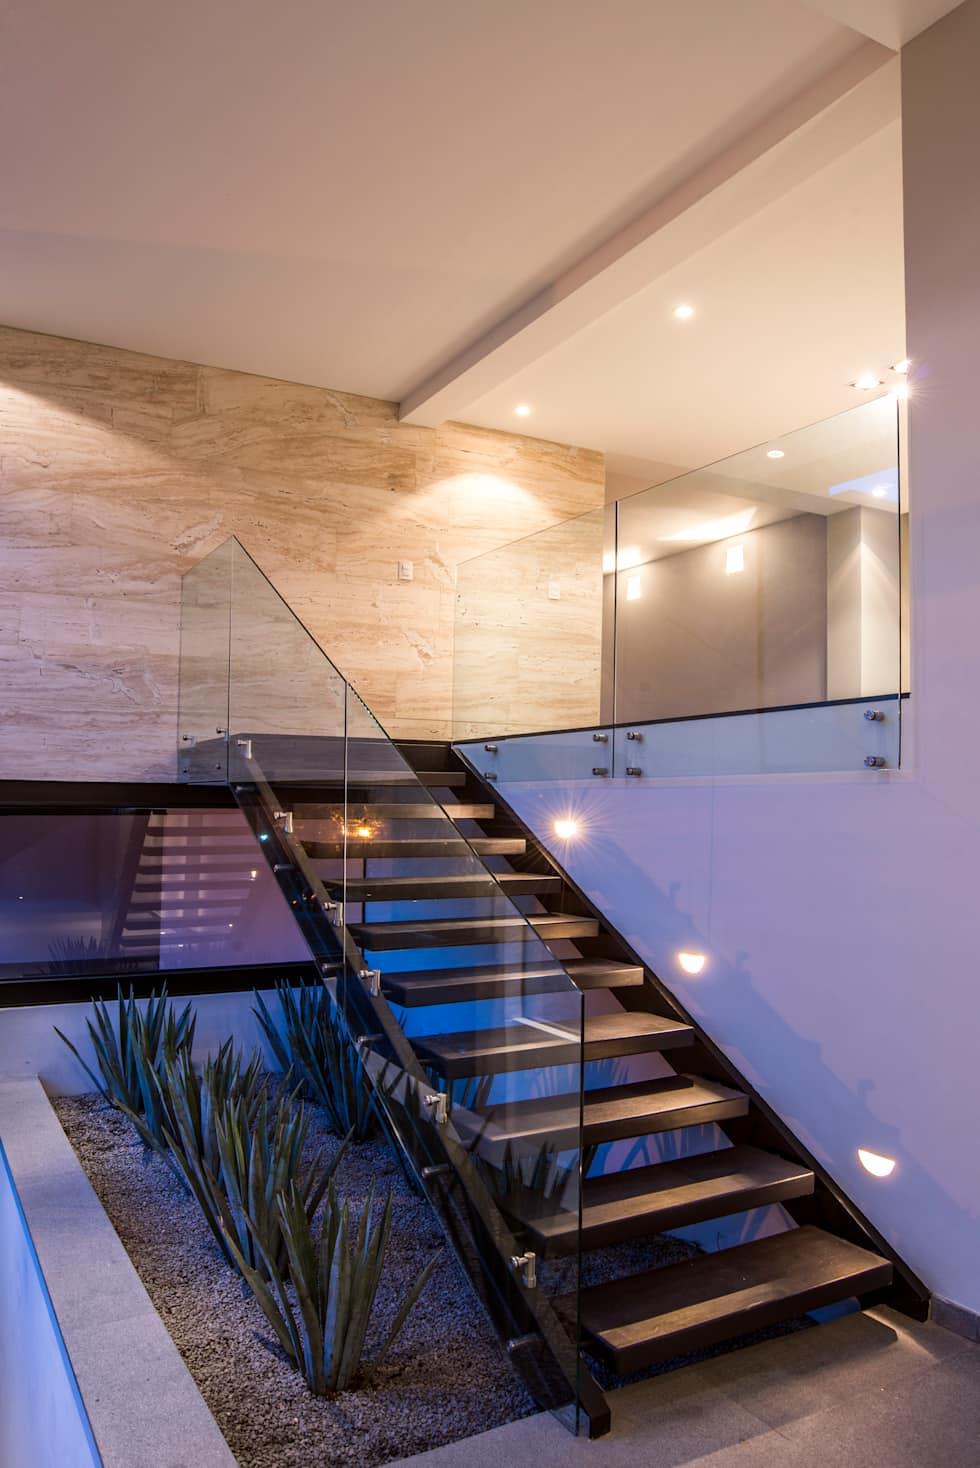 Elegância e sofisticação da escada de vidro contrastada pelo jardim de visual árido feito de pedras e espadas de são jorge